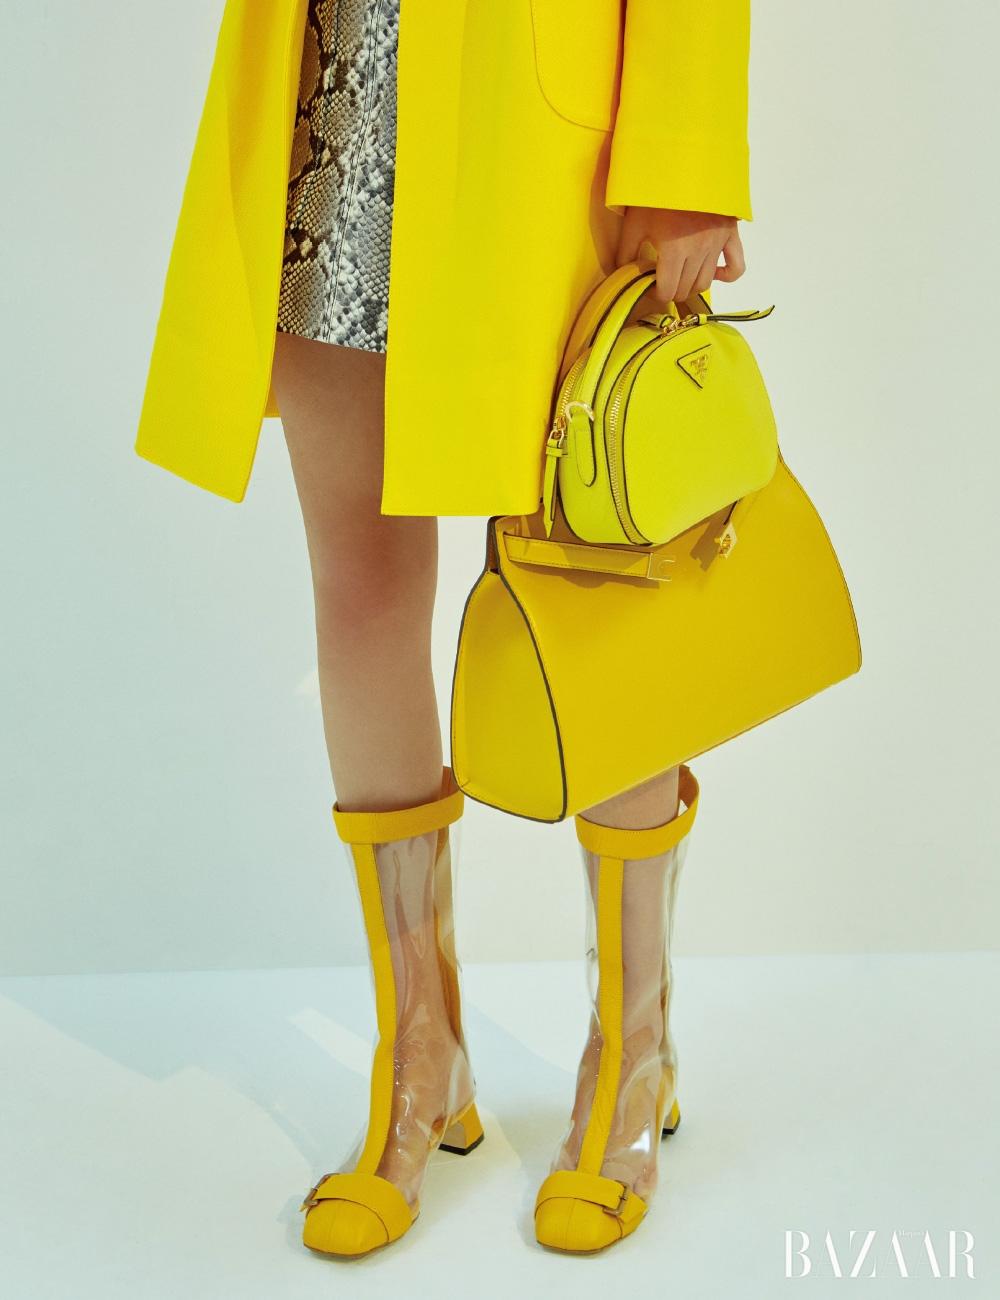 미니 백은 2백28만원 Prada, 스퀘어 백은 1백19만원 Tory Burch, 부츠, 코트는 모두 Miss Gee Collection, 파이톤 소재 스커트는 2백30만원 N°21.